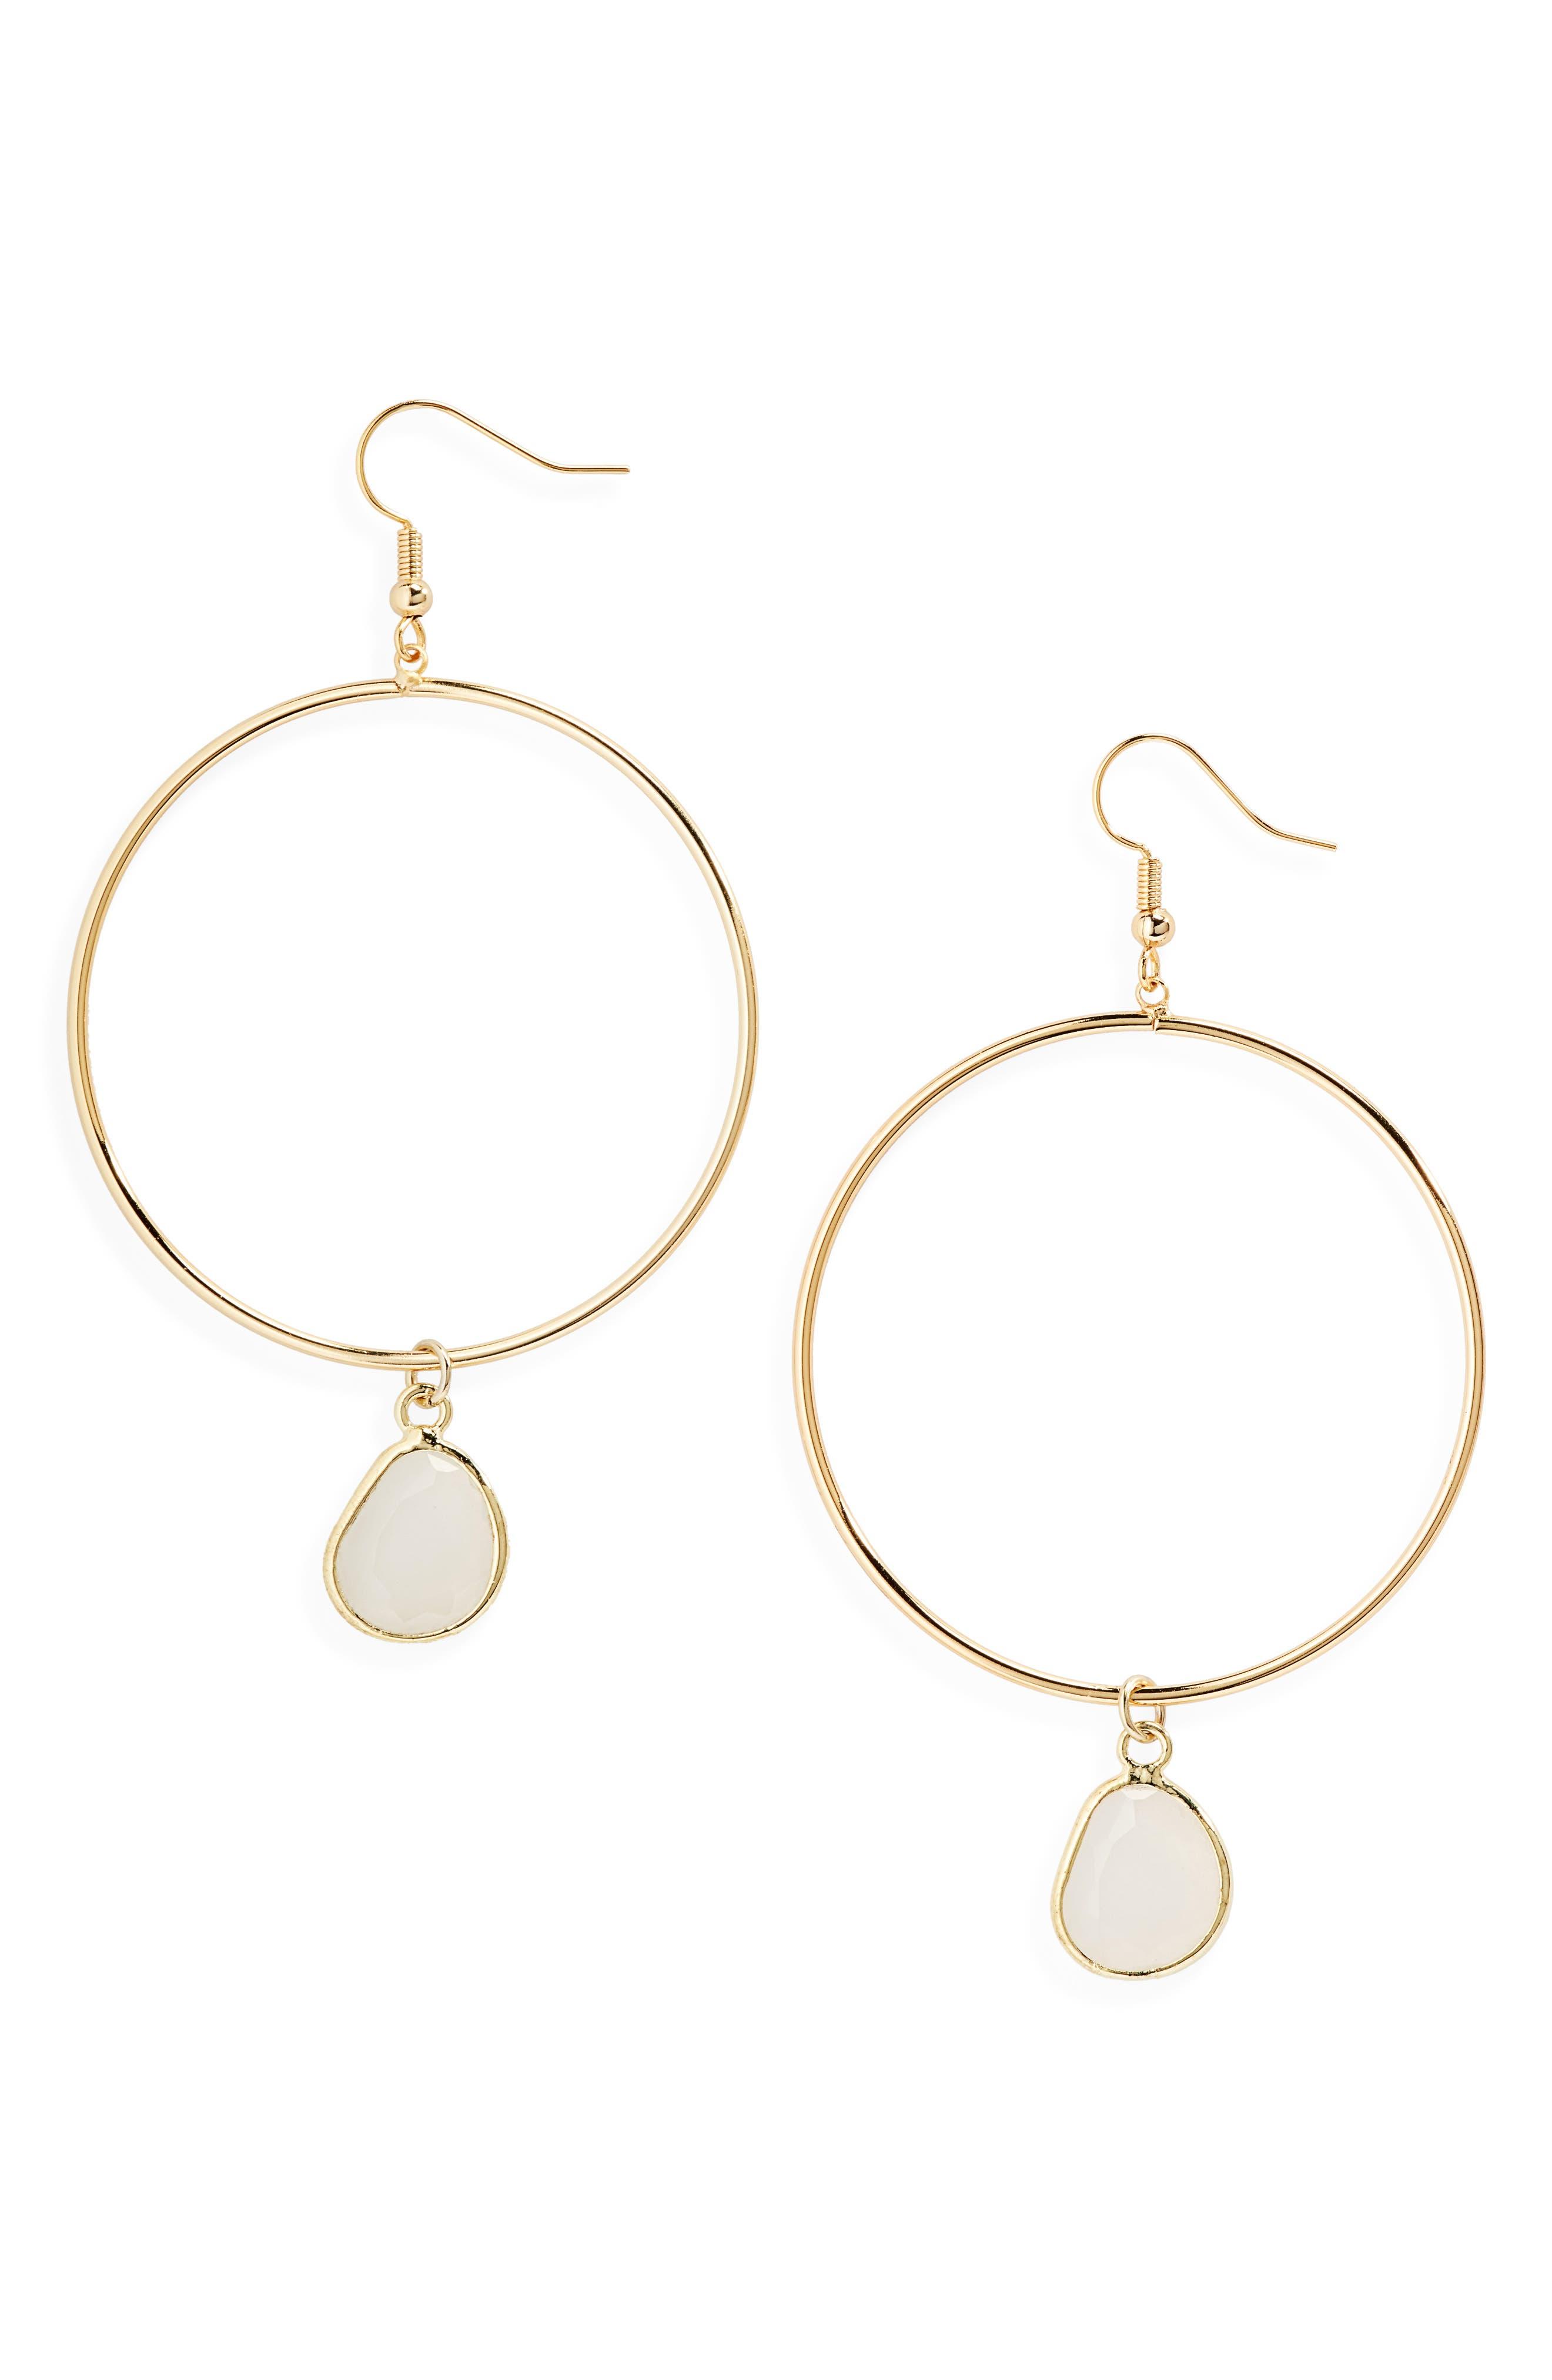 ELISE M. Ryleigh Crystal Pendant Hoop Earrings in Gold/ White